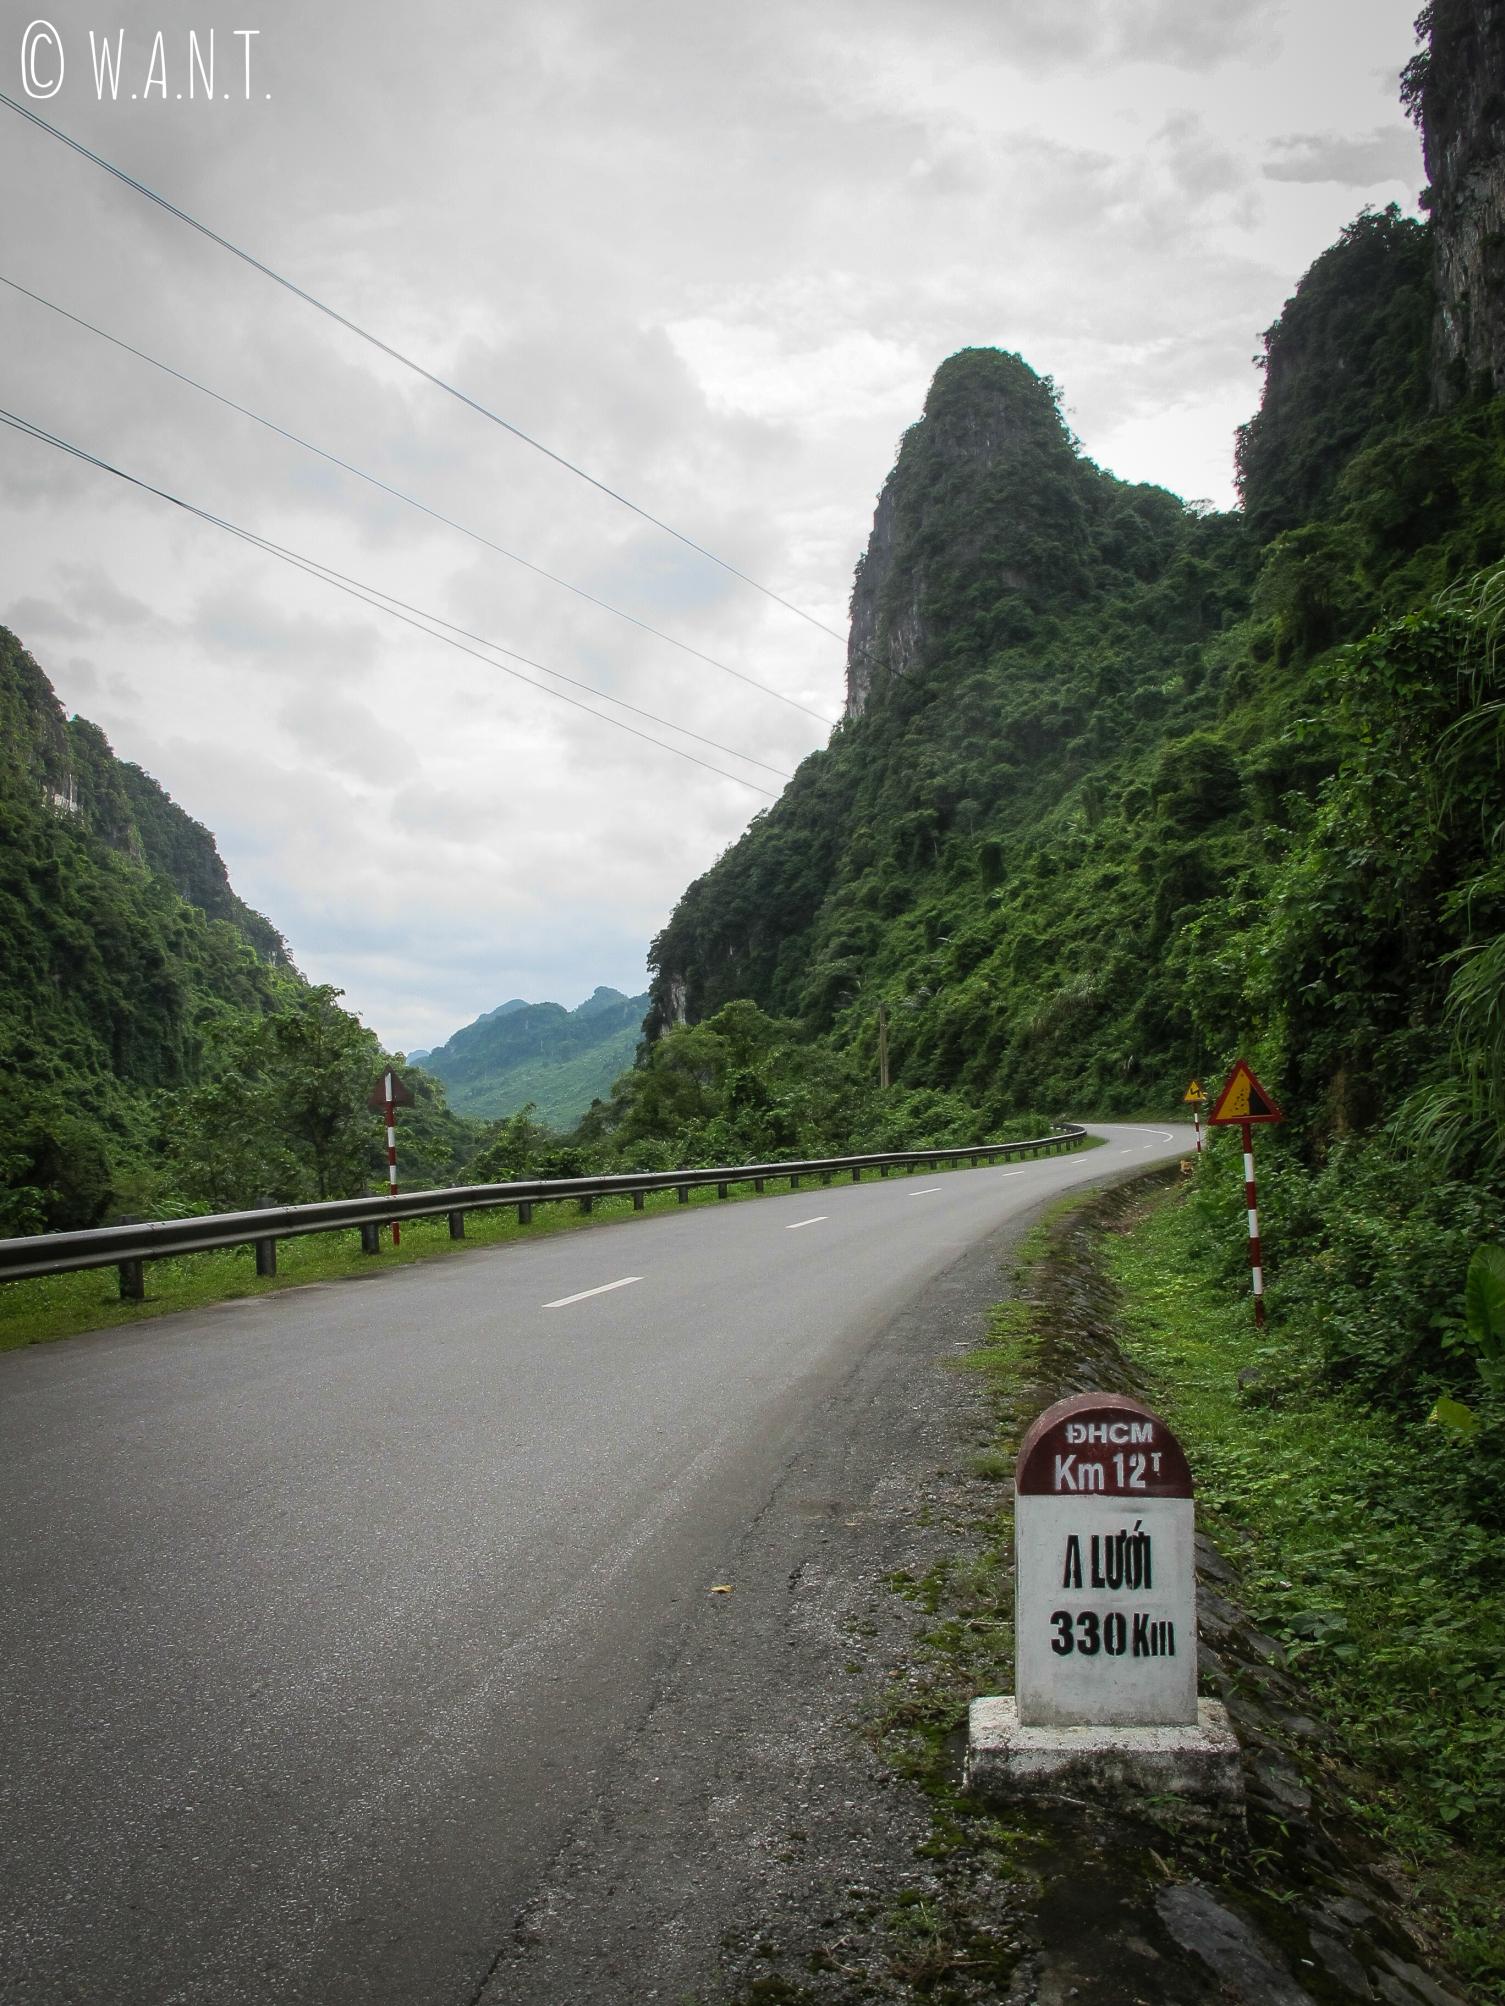 Une boucle à moto peut être faite à l'intérieur du parc national Phong Nha-Ke Bang